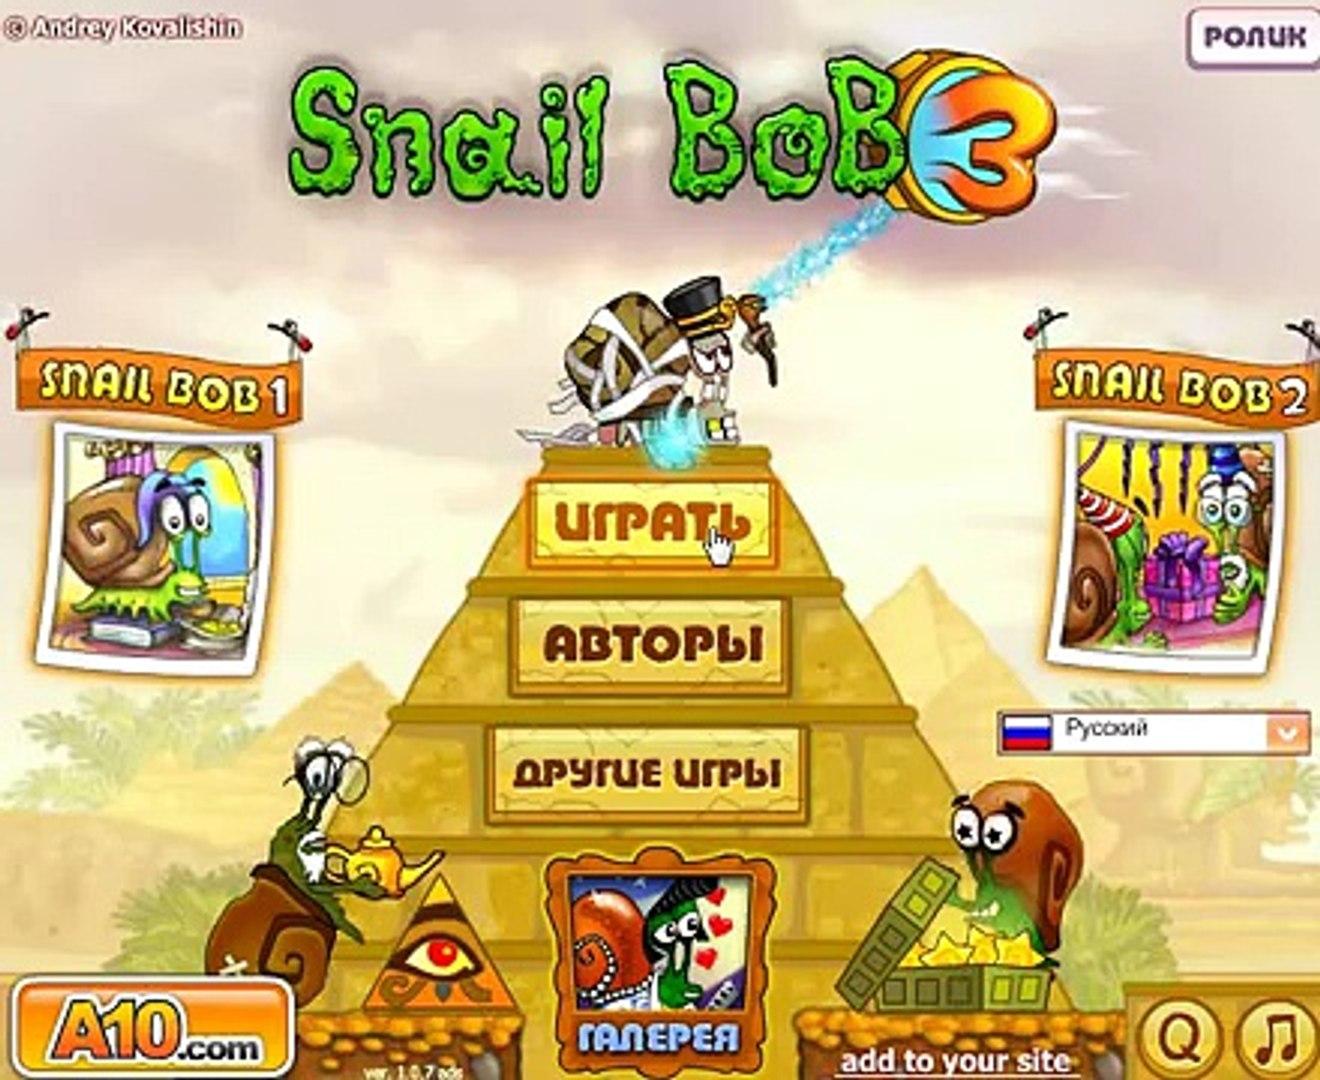 Мультик Улитка Боб 3. Прохождение игри- полная версия. (Snail Bob 3)